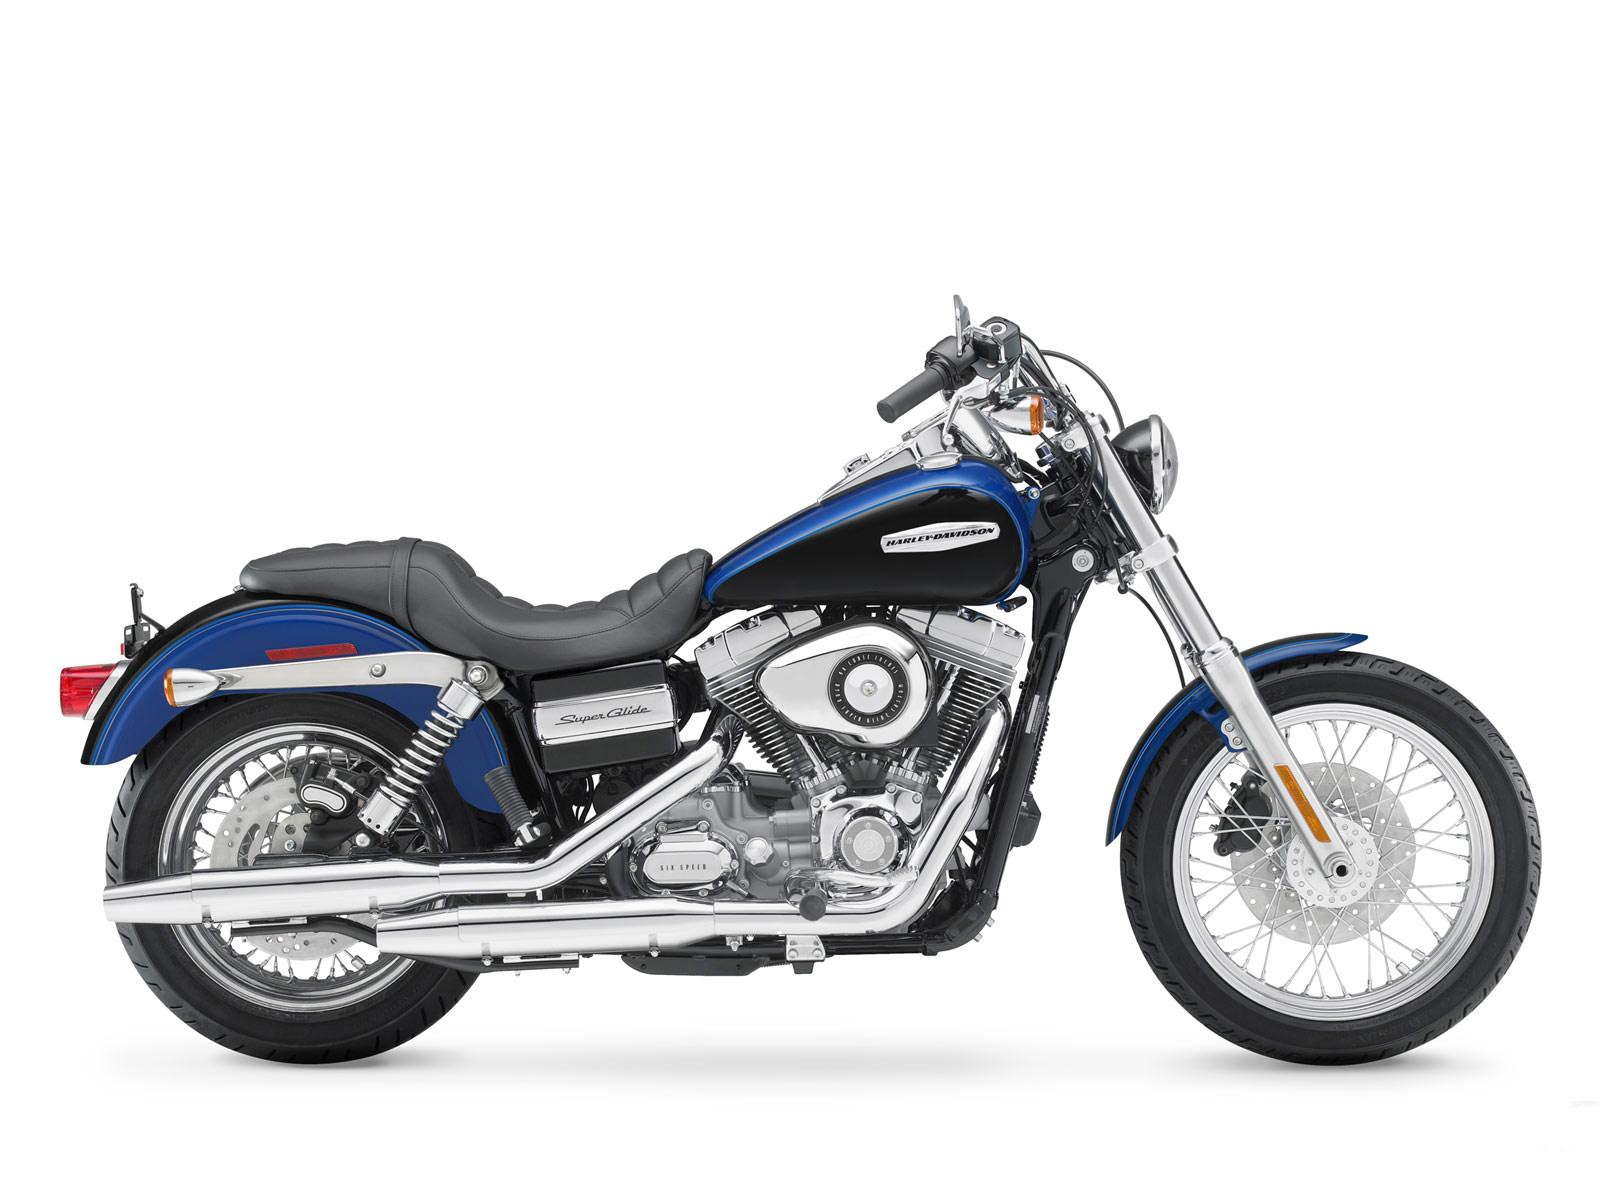 Harley Davidson Dyna Super Glide Custom 2013 Wallpapers: FXDC Dyna Super Glide Custom, 2008 Harley-Davidson Pictures